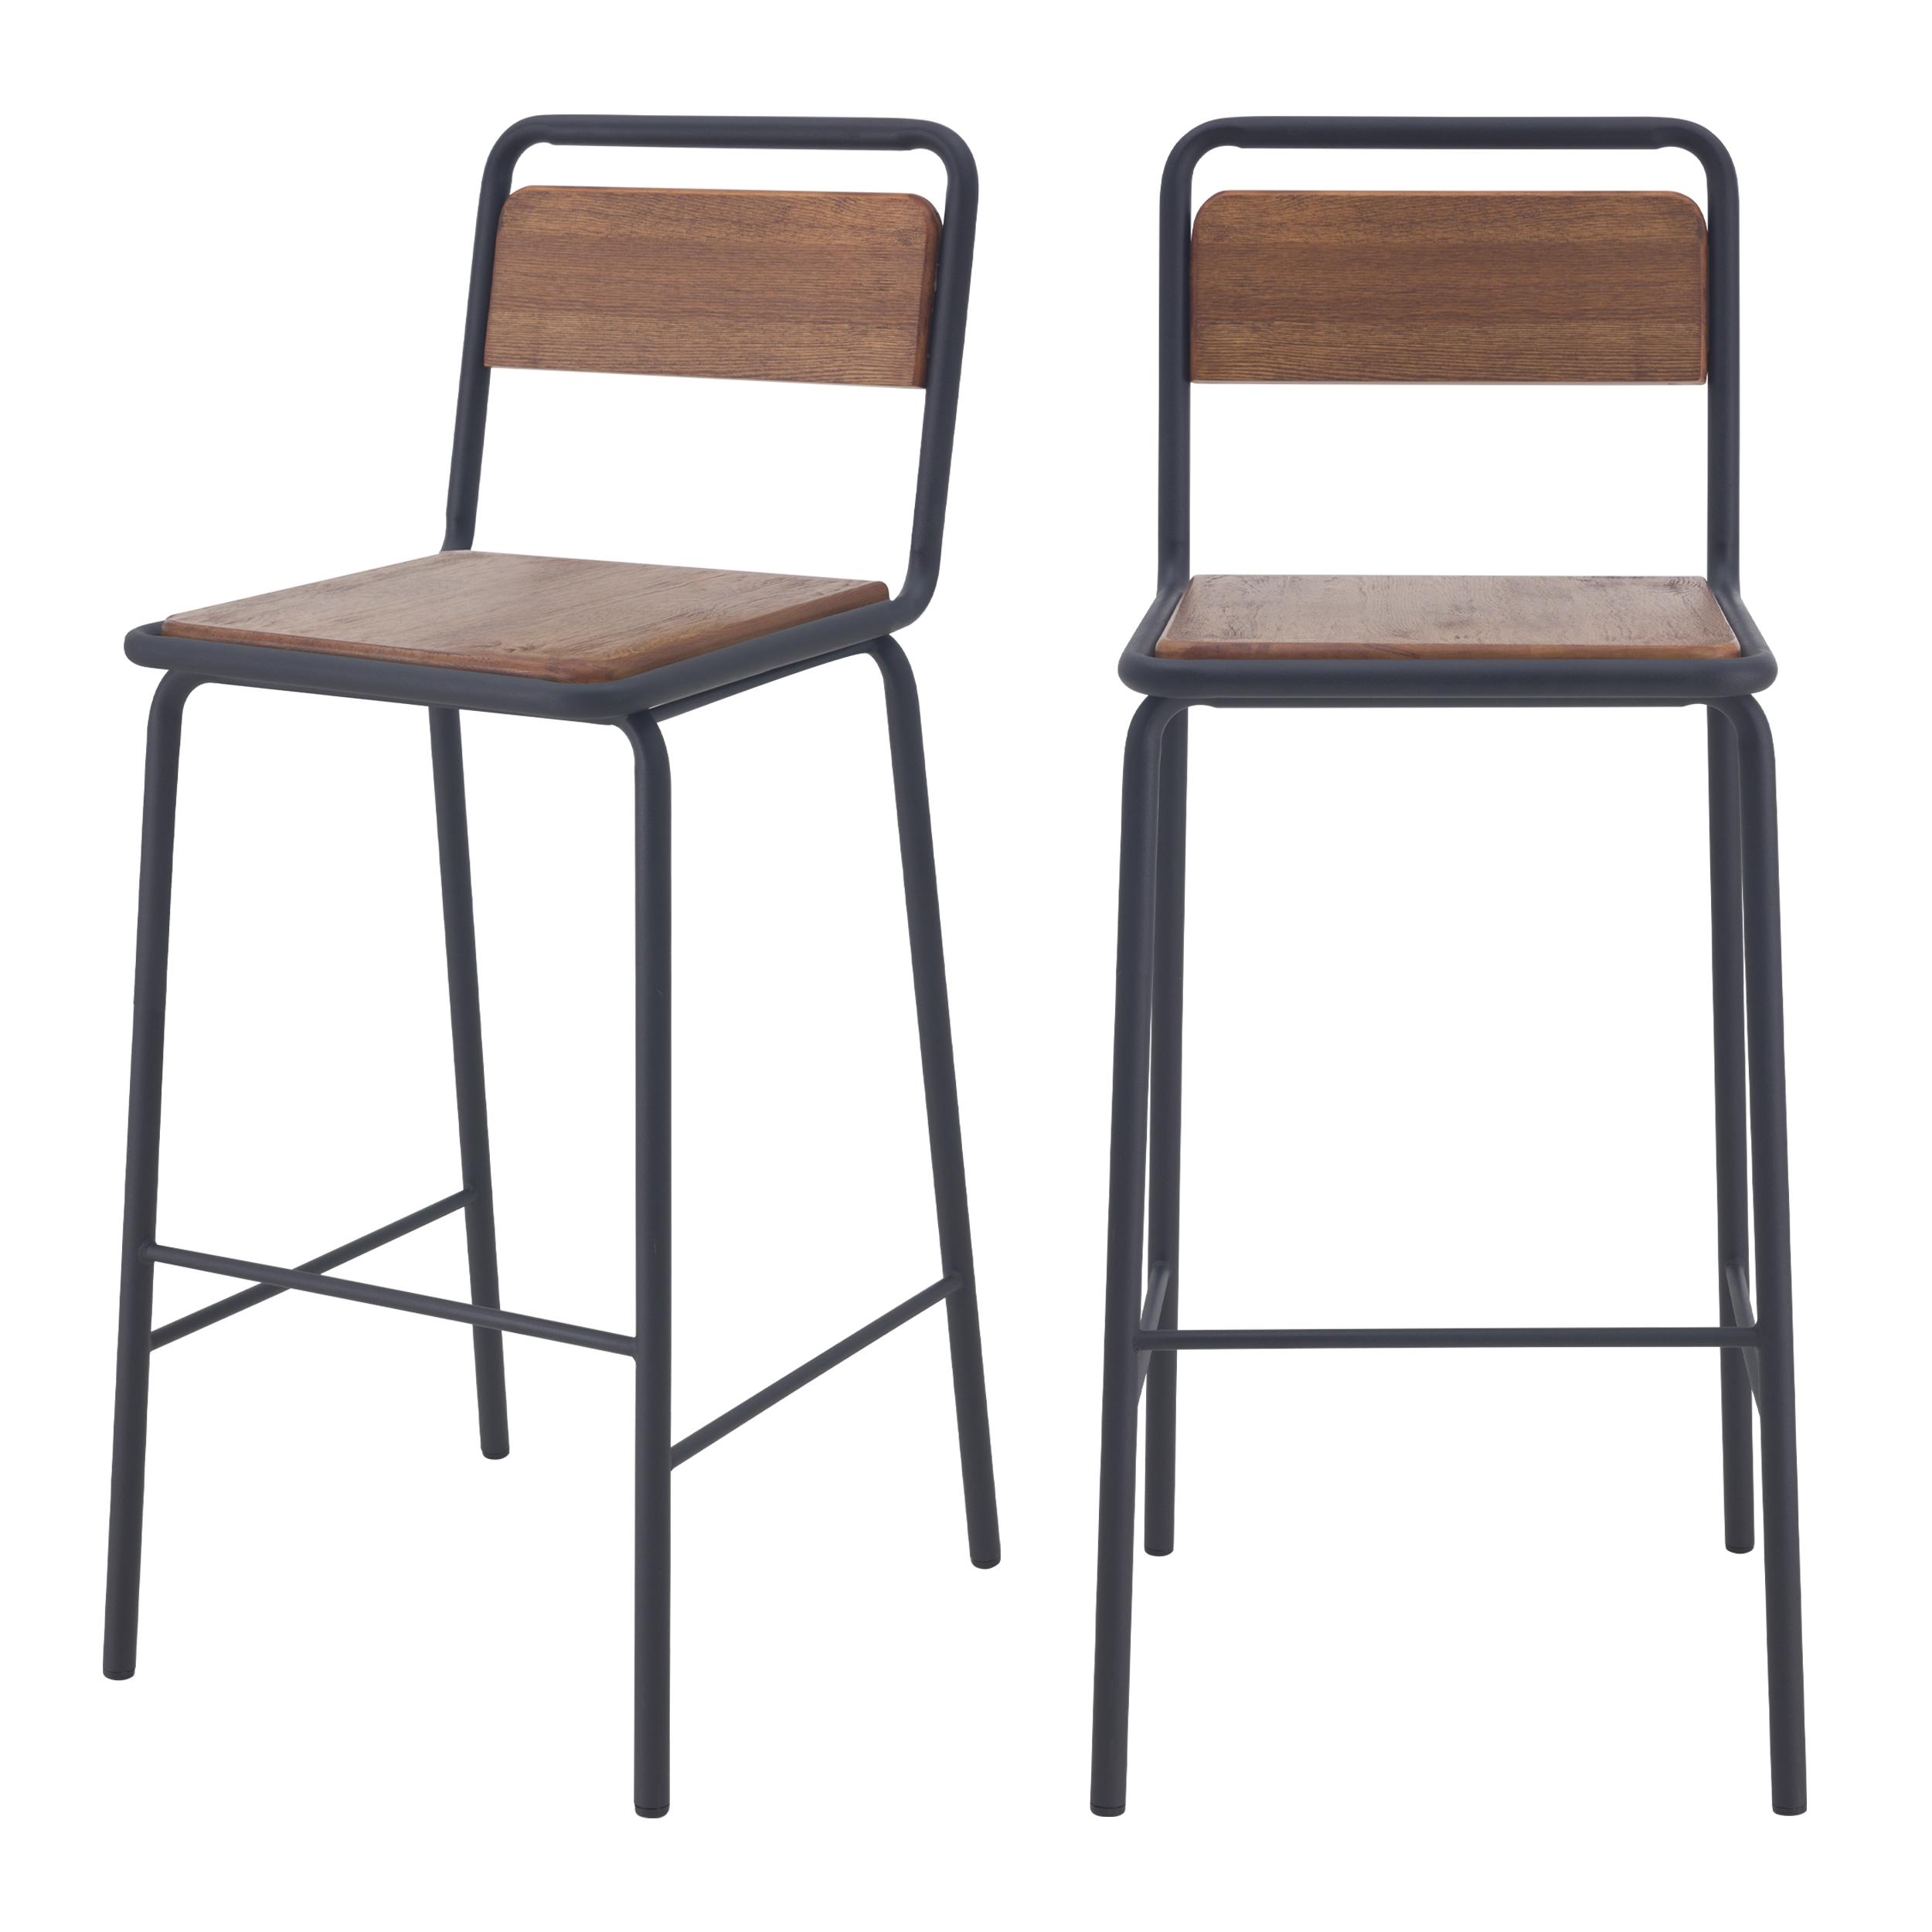 Chaise de bar 72 cm en bois vieilli et métal noir (lot de 2)